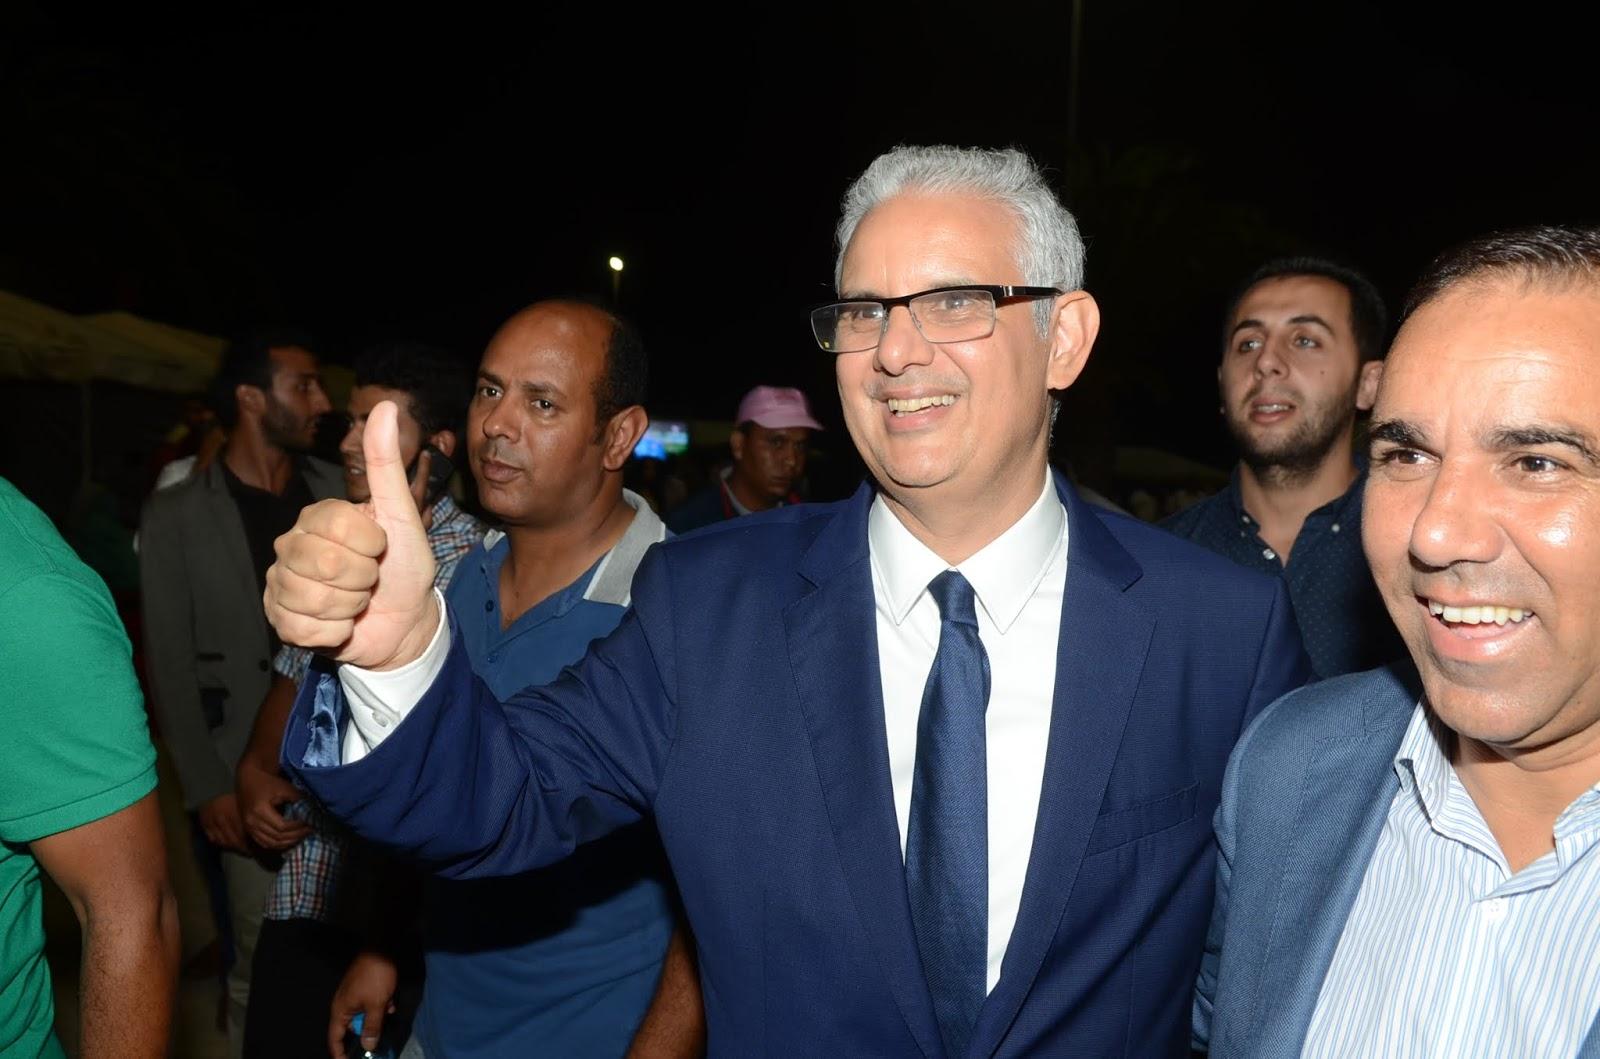 حزب الاستقلال.. معارضة وفق رؤية جديدة